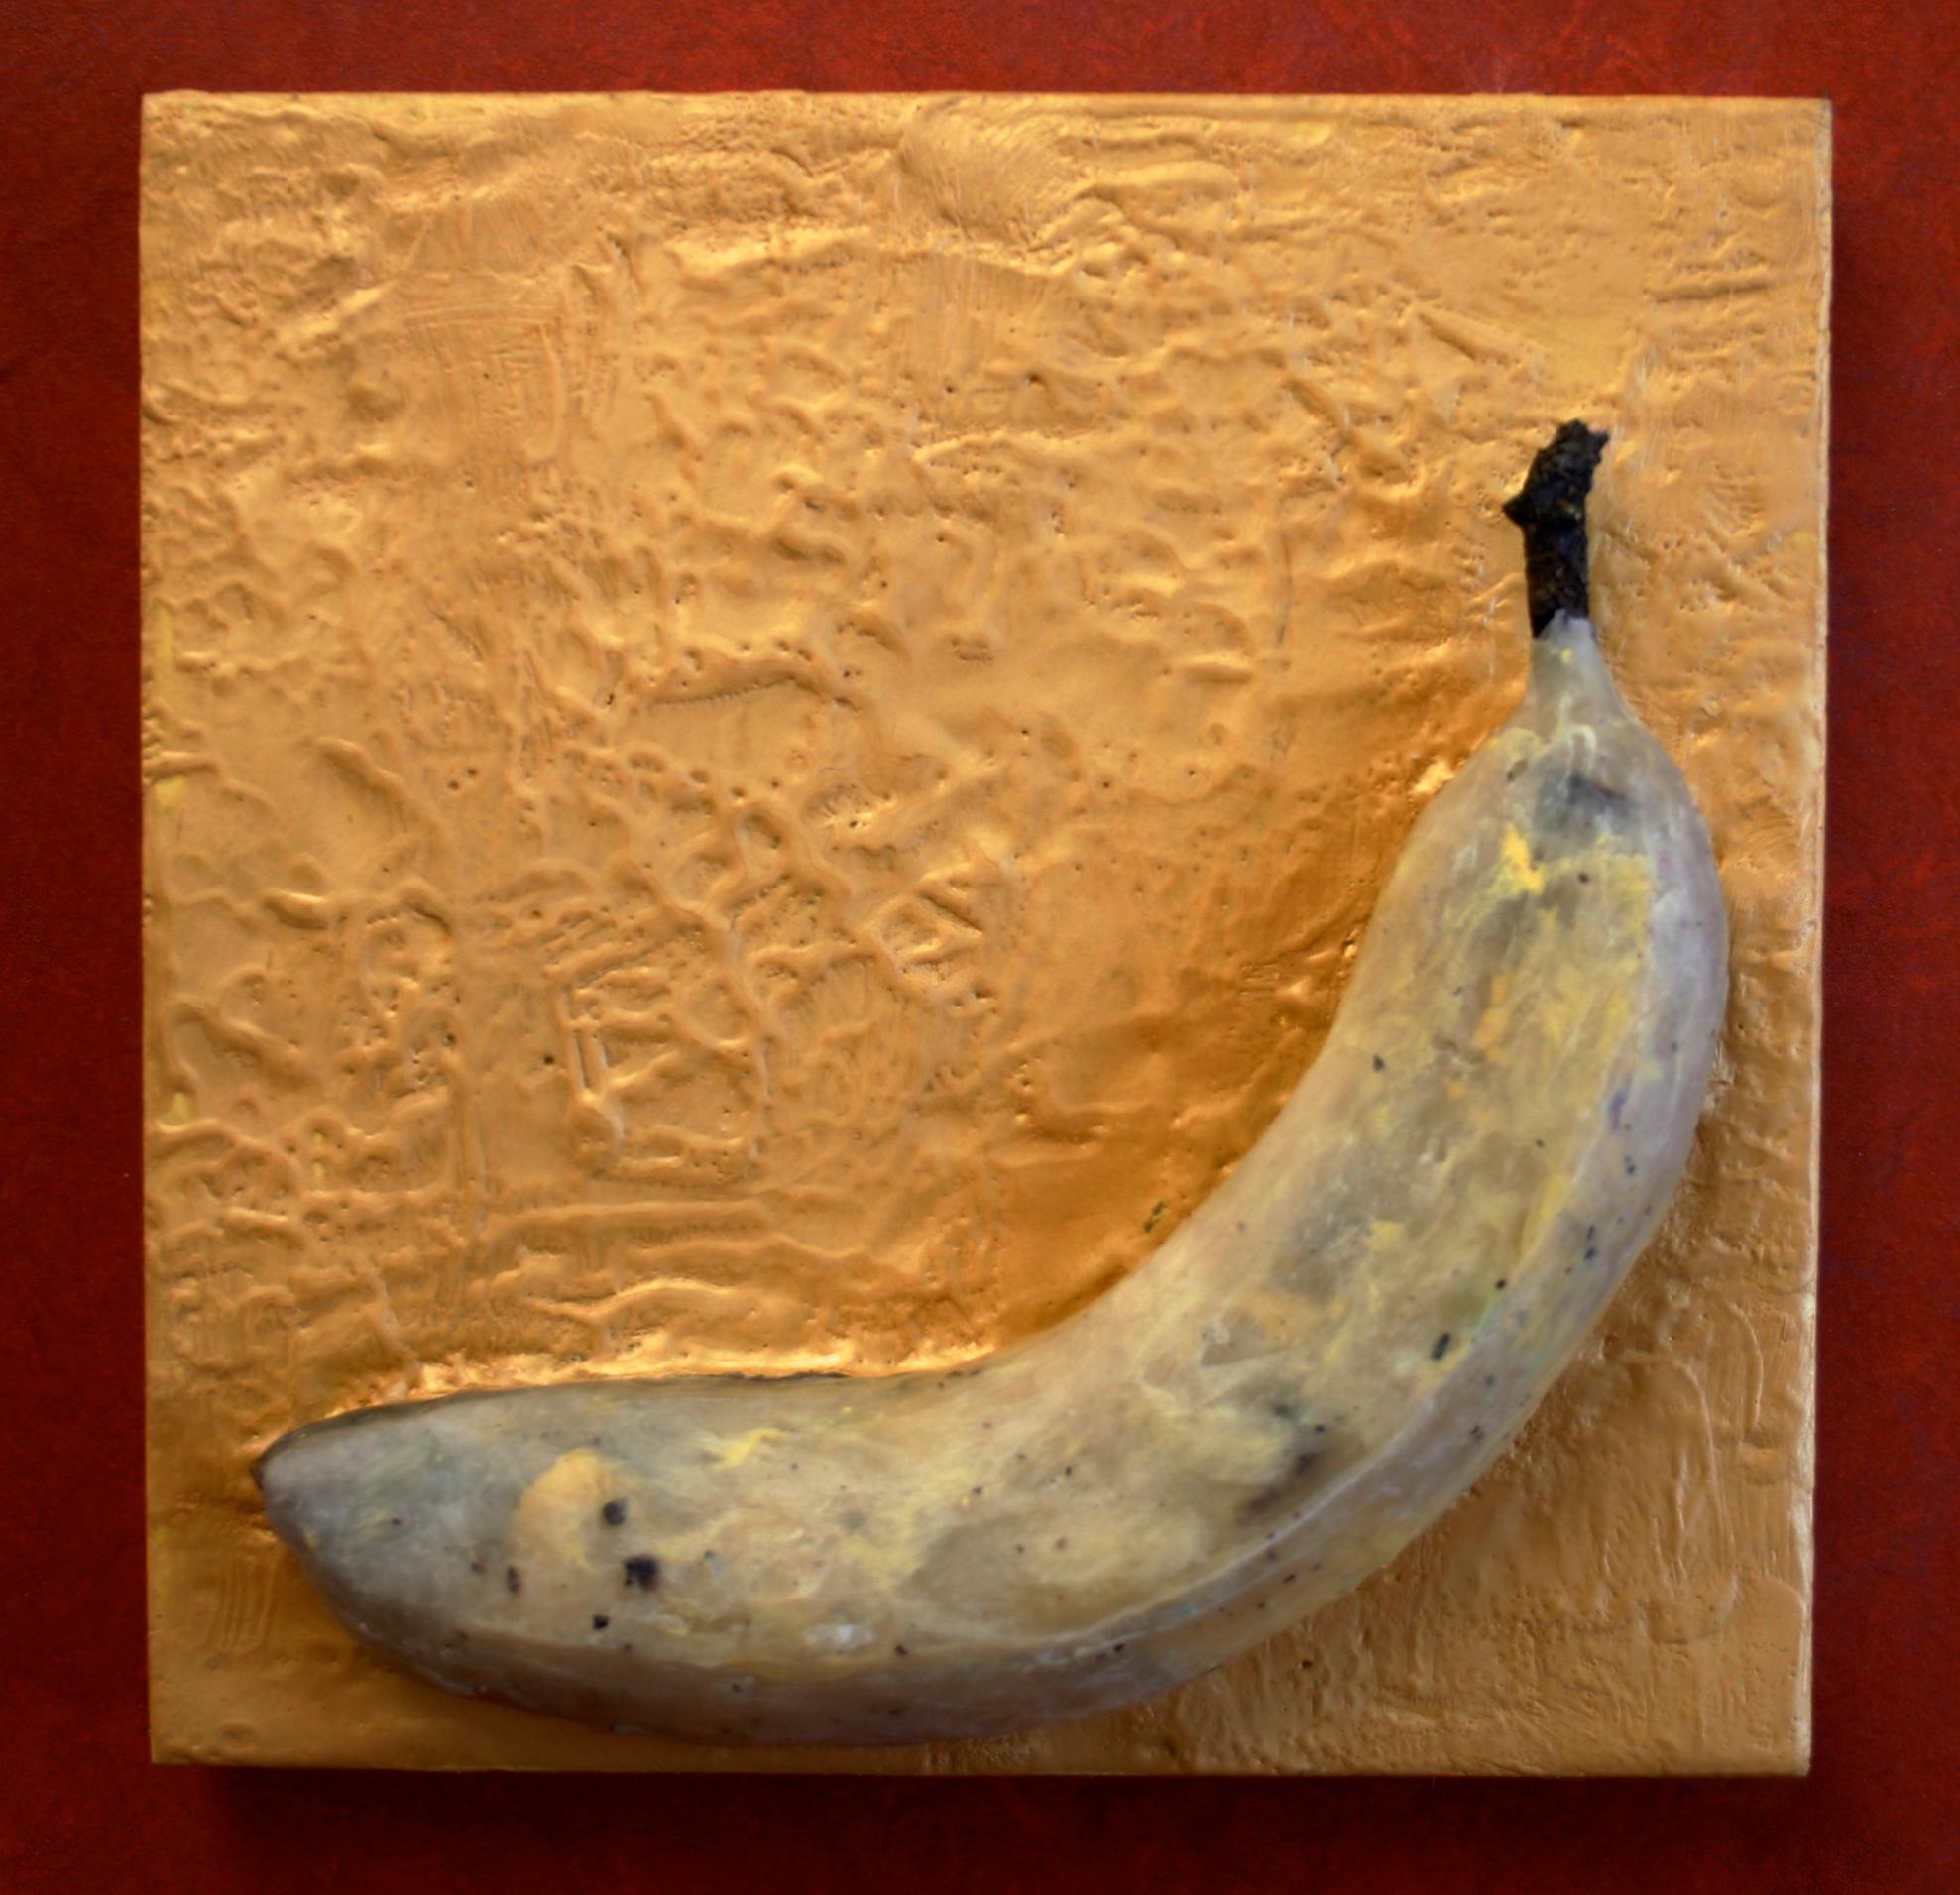 Go get a banana - mooluz